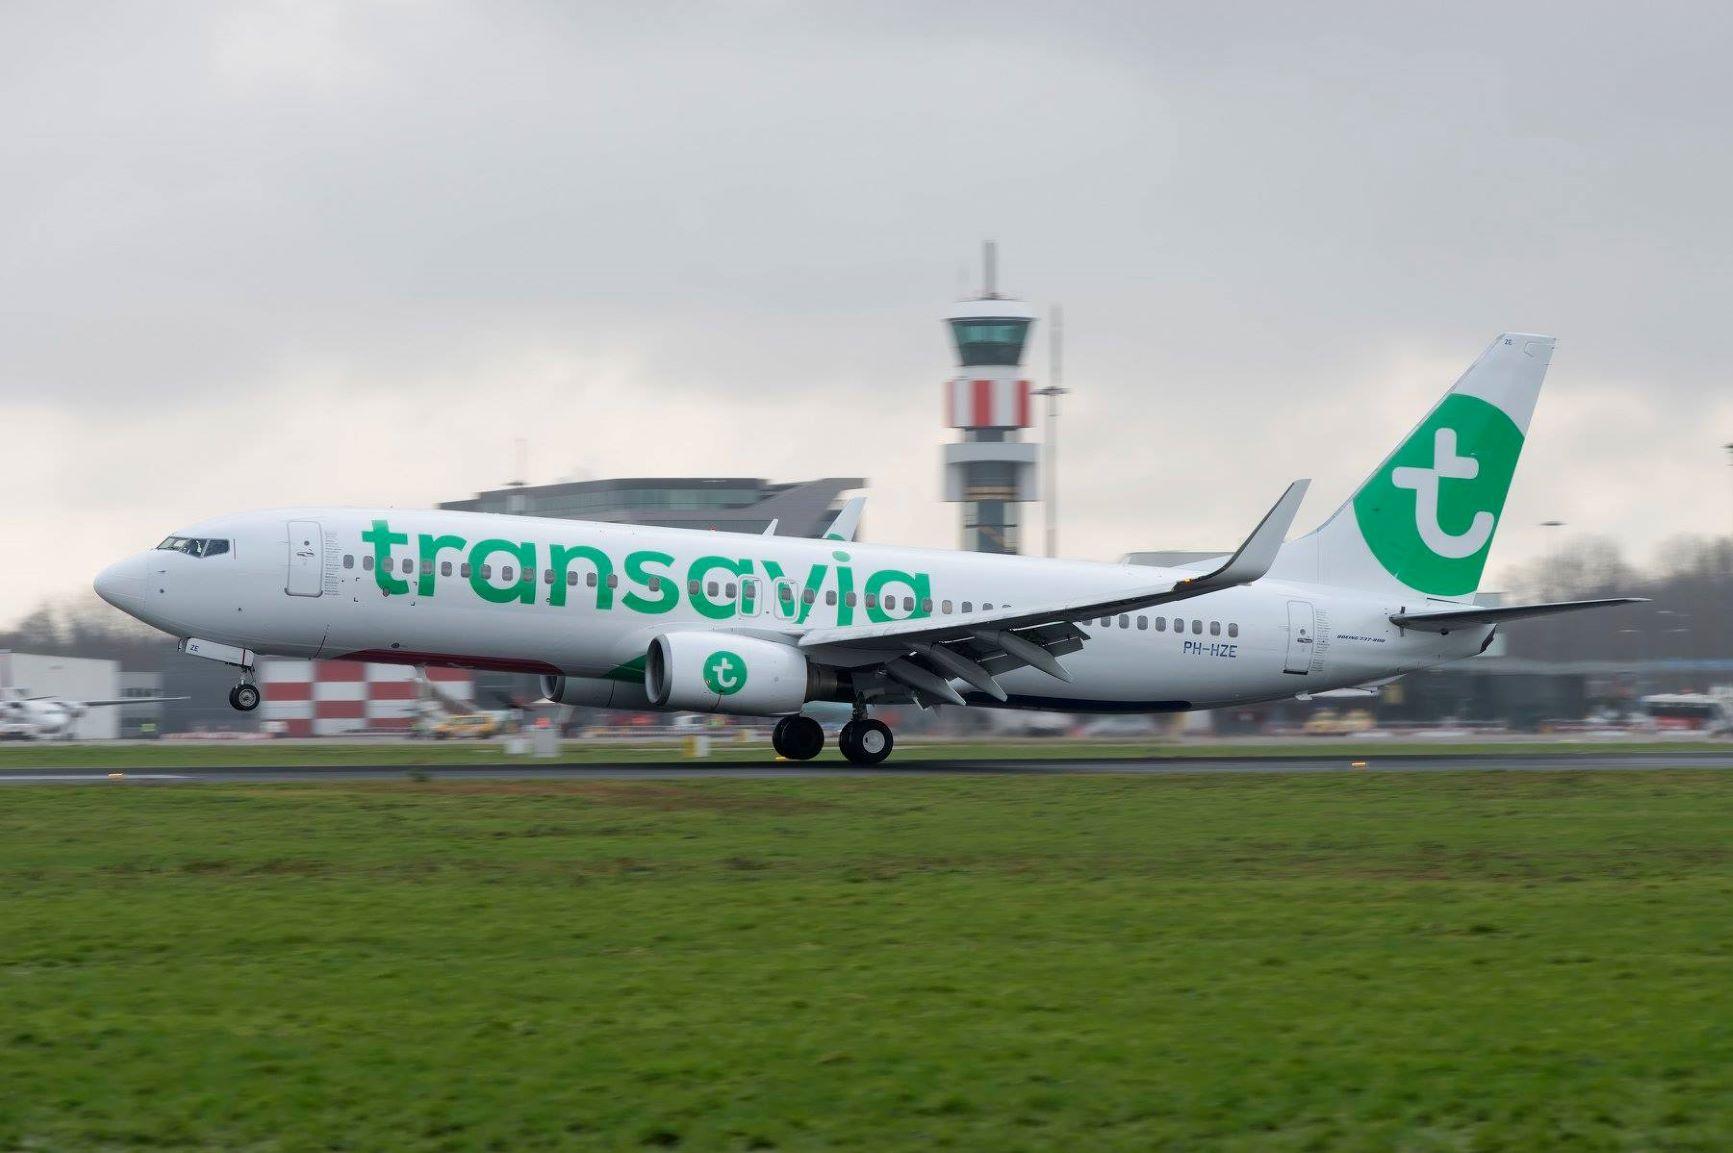 Alle passagiersvluchten van Nederland naar Marokko opgeschort - Luchtvaartnieuws.nl